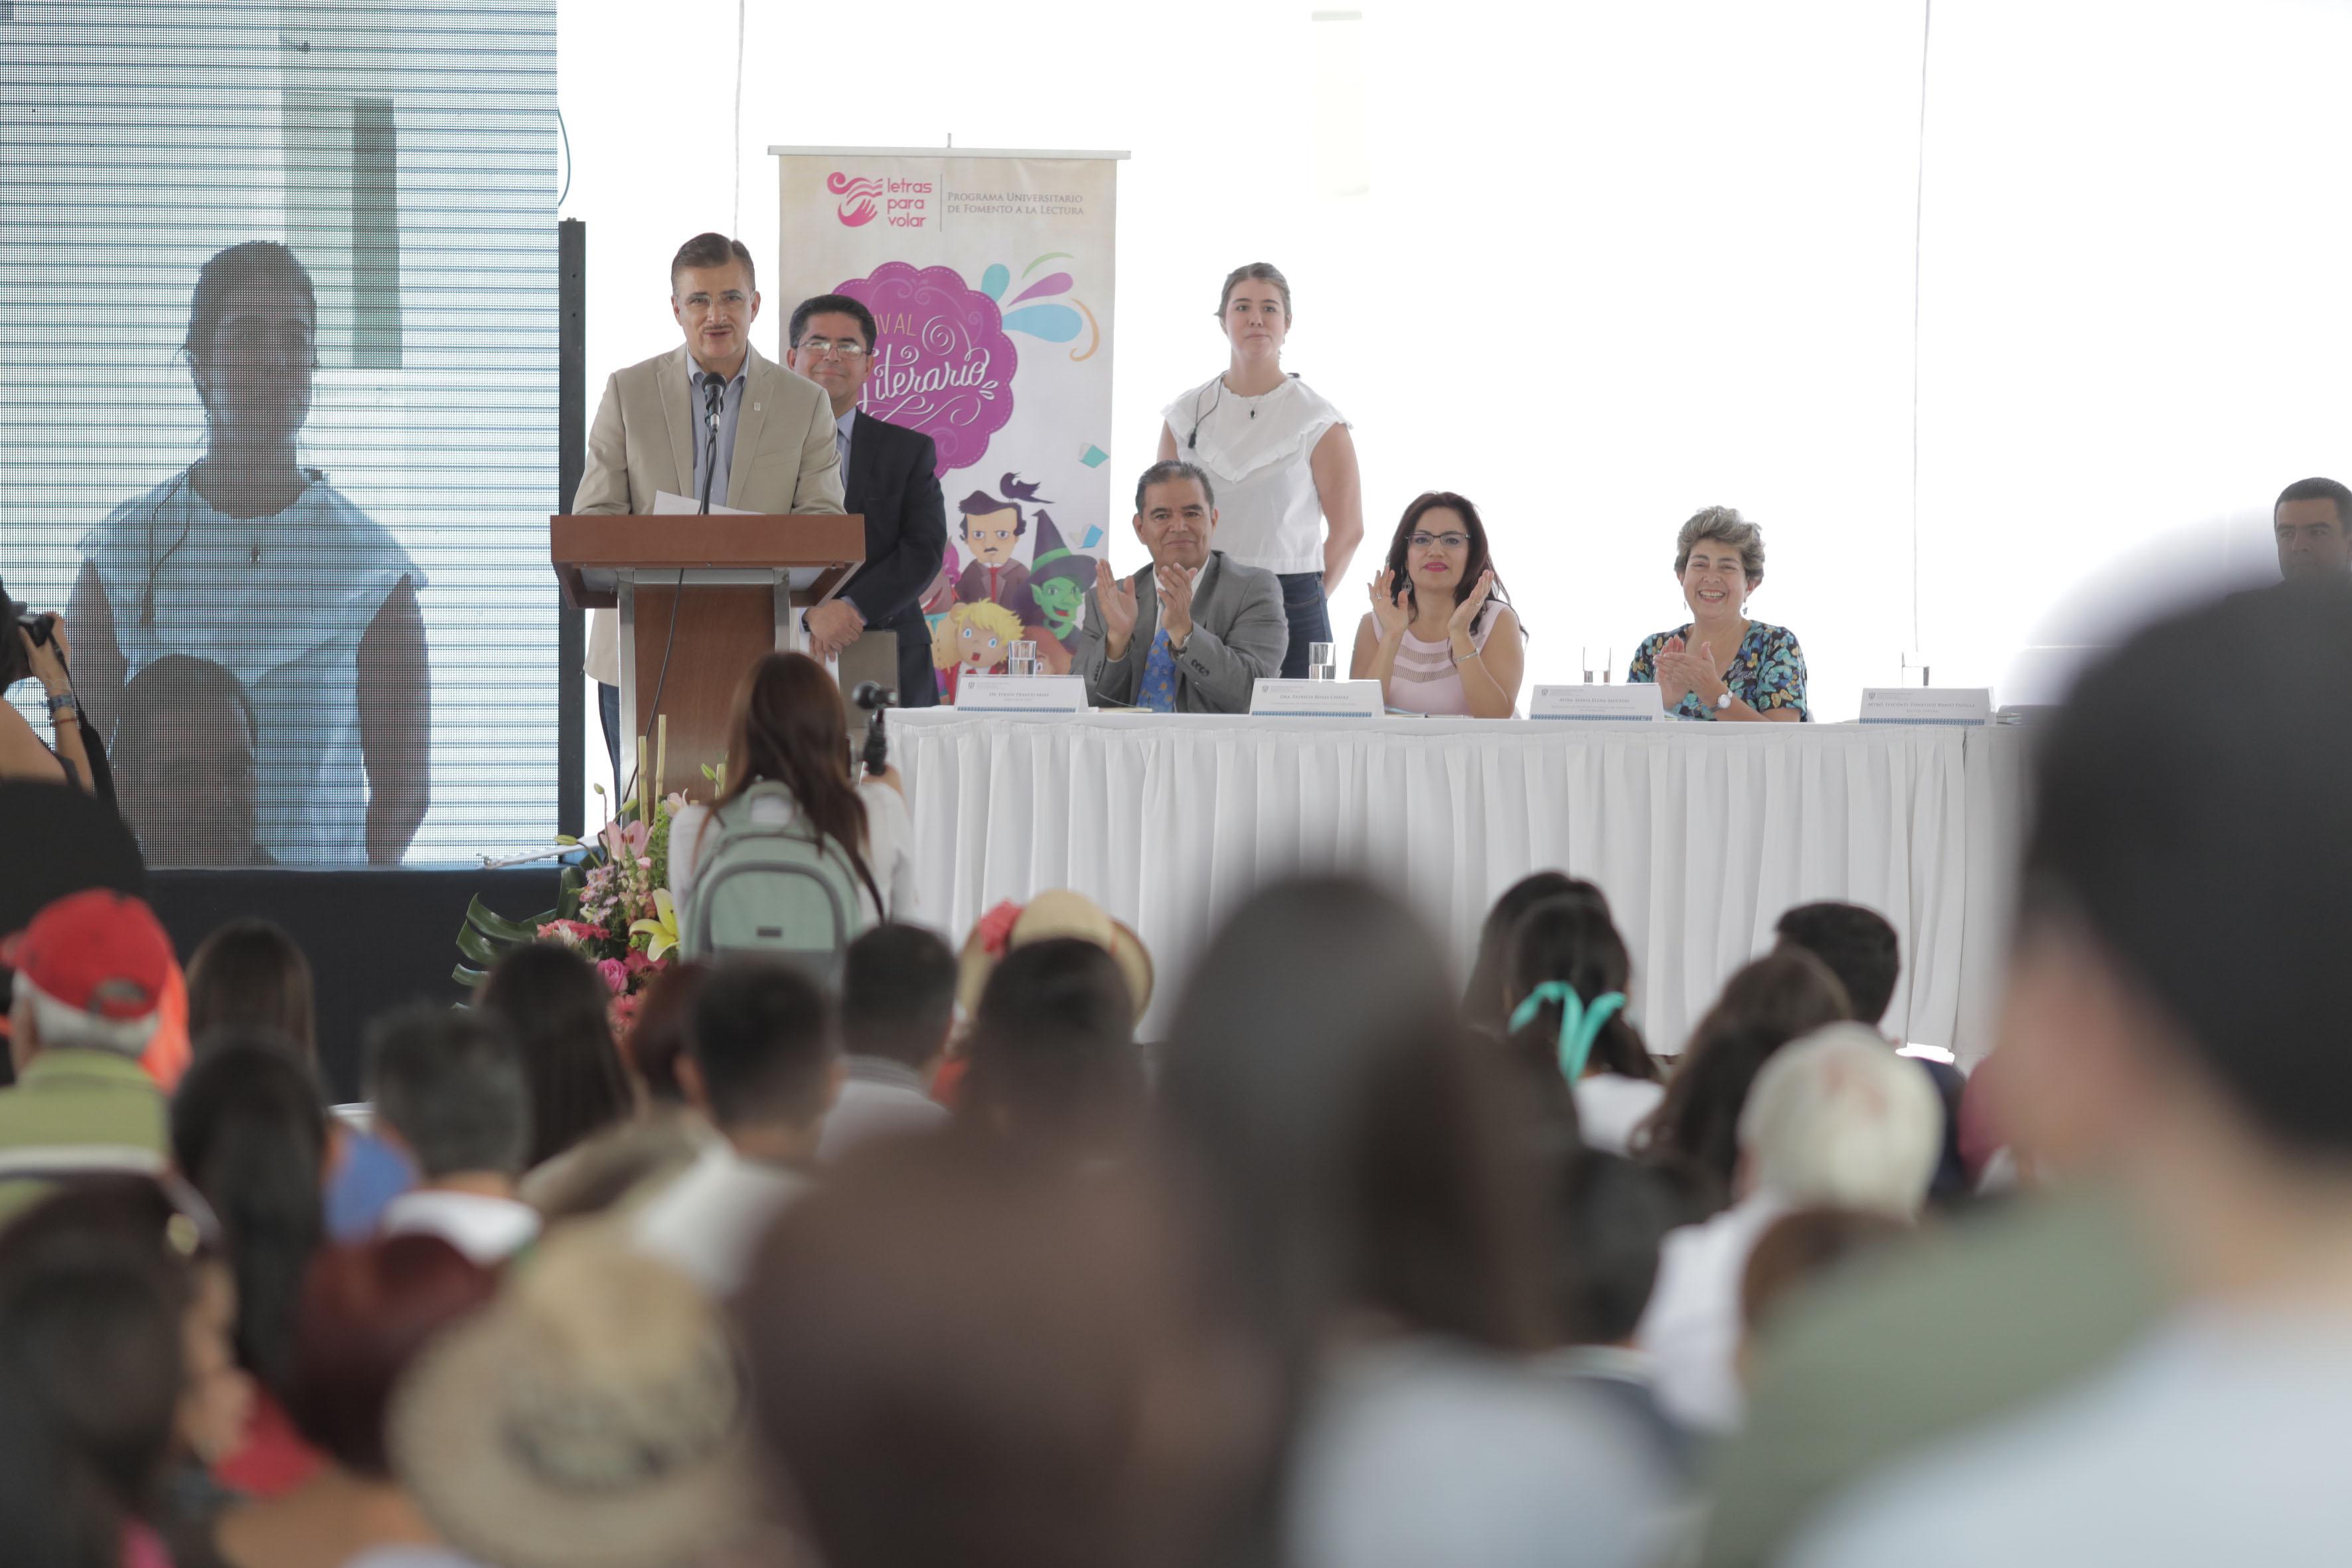 Maestro Itzcoátl Tonatiuh Bravo Padilla, Rector General de la Universidad de Guadalajara, haciendo uso de la palabra, desde el podio.